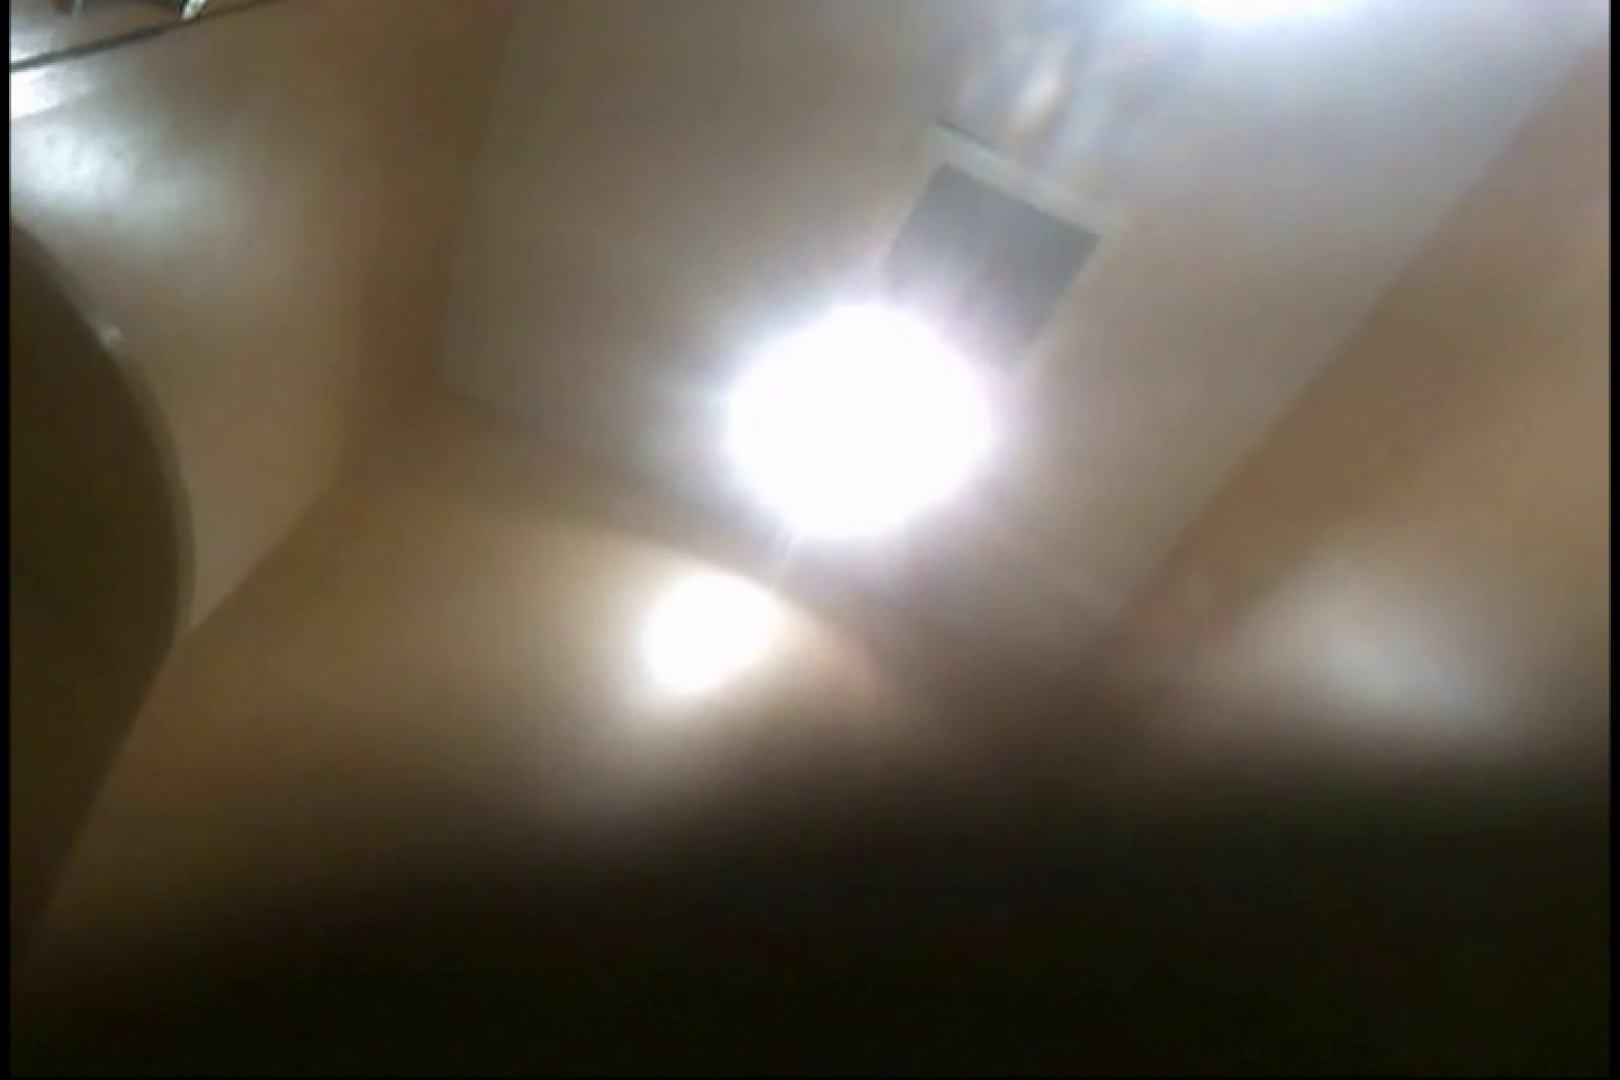 画質向上!新亀さん厠 vol.55 オマンコギャル おまんこ動画流出 83連発 45